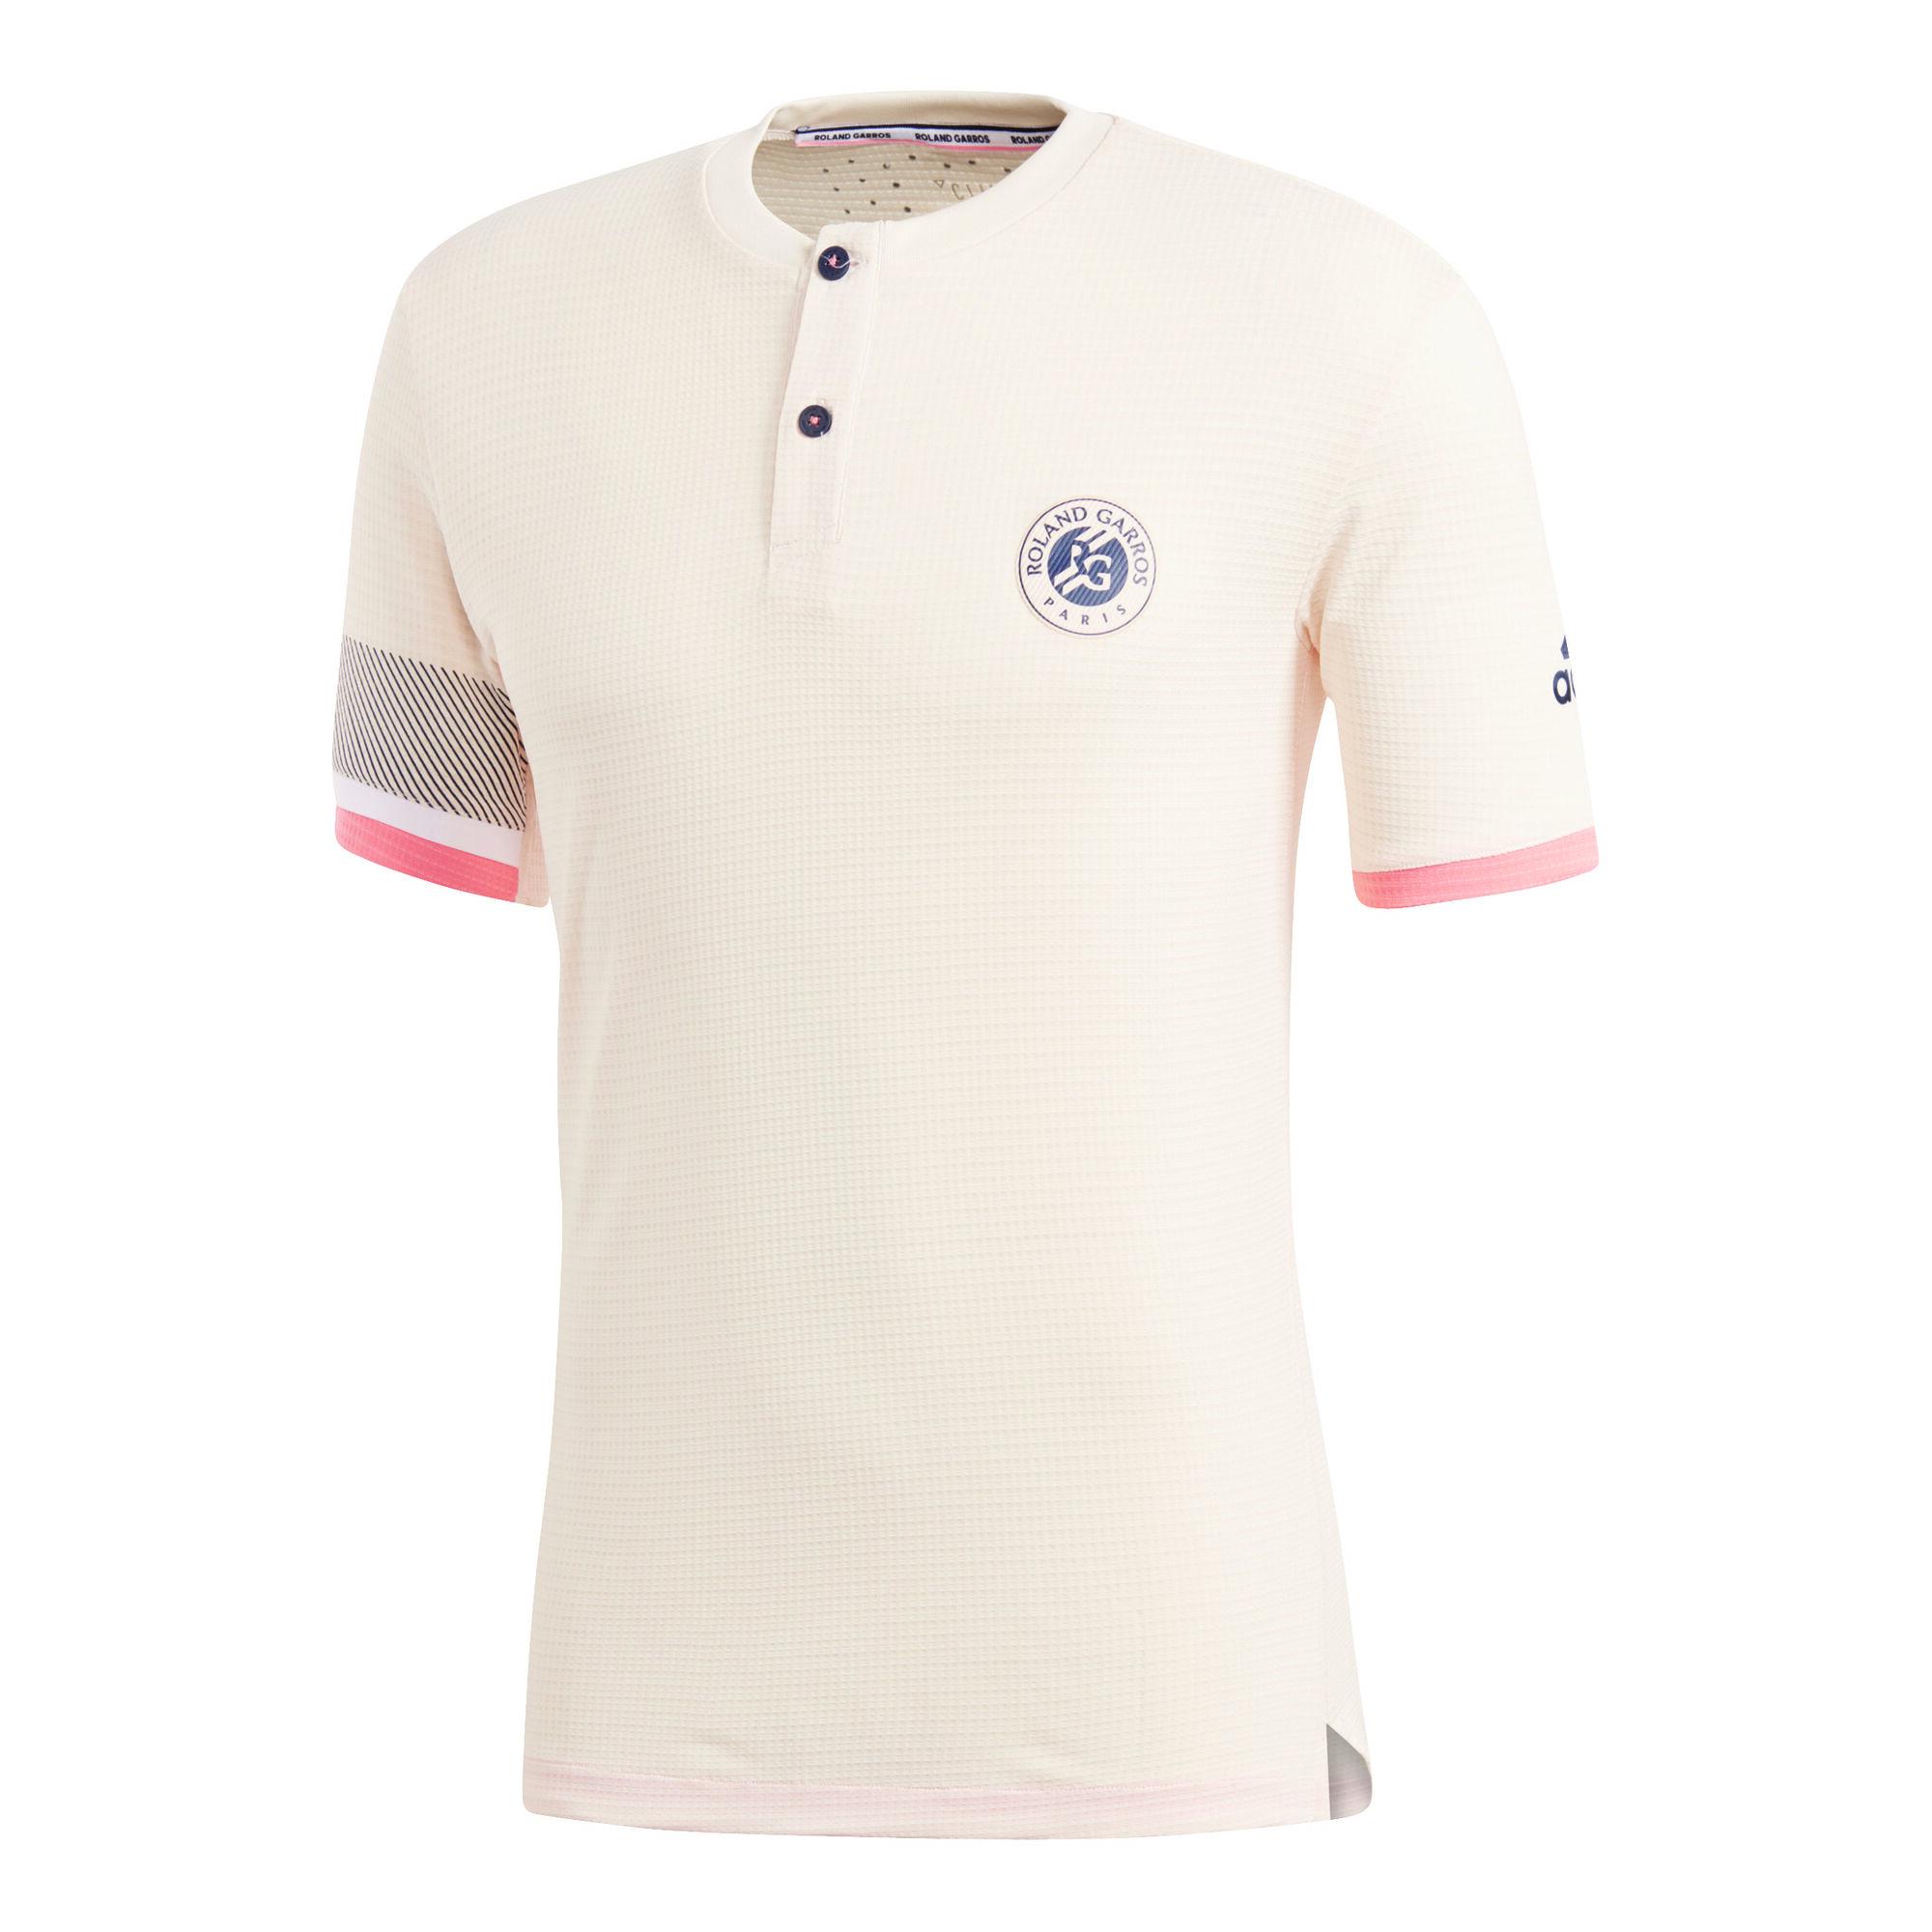 official photos 79d47 e5d3d adidas Roland Garros Climachill T-Shirt Herren - Beige ...